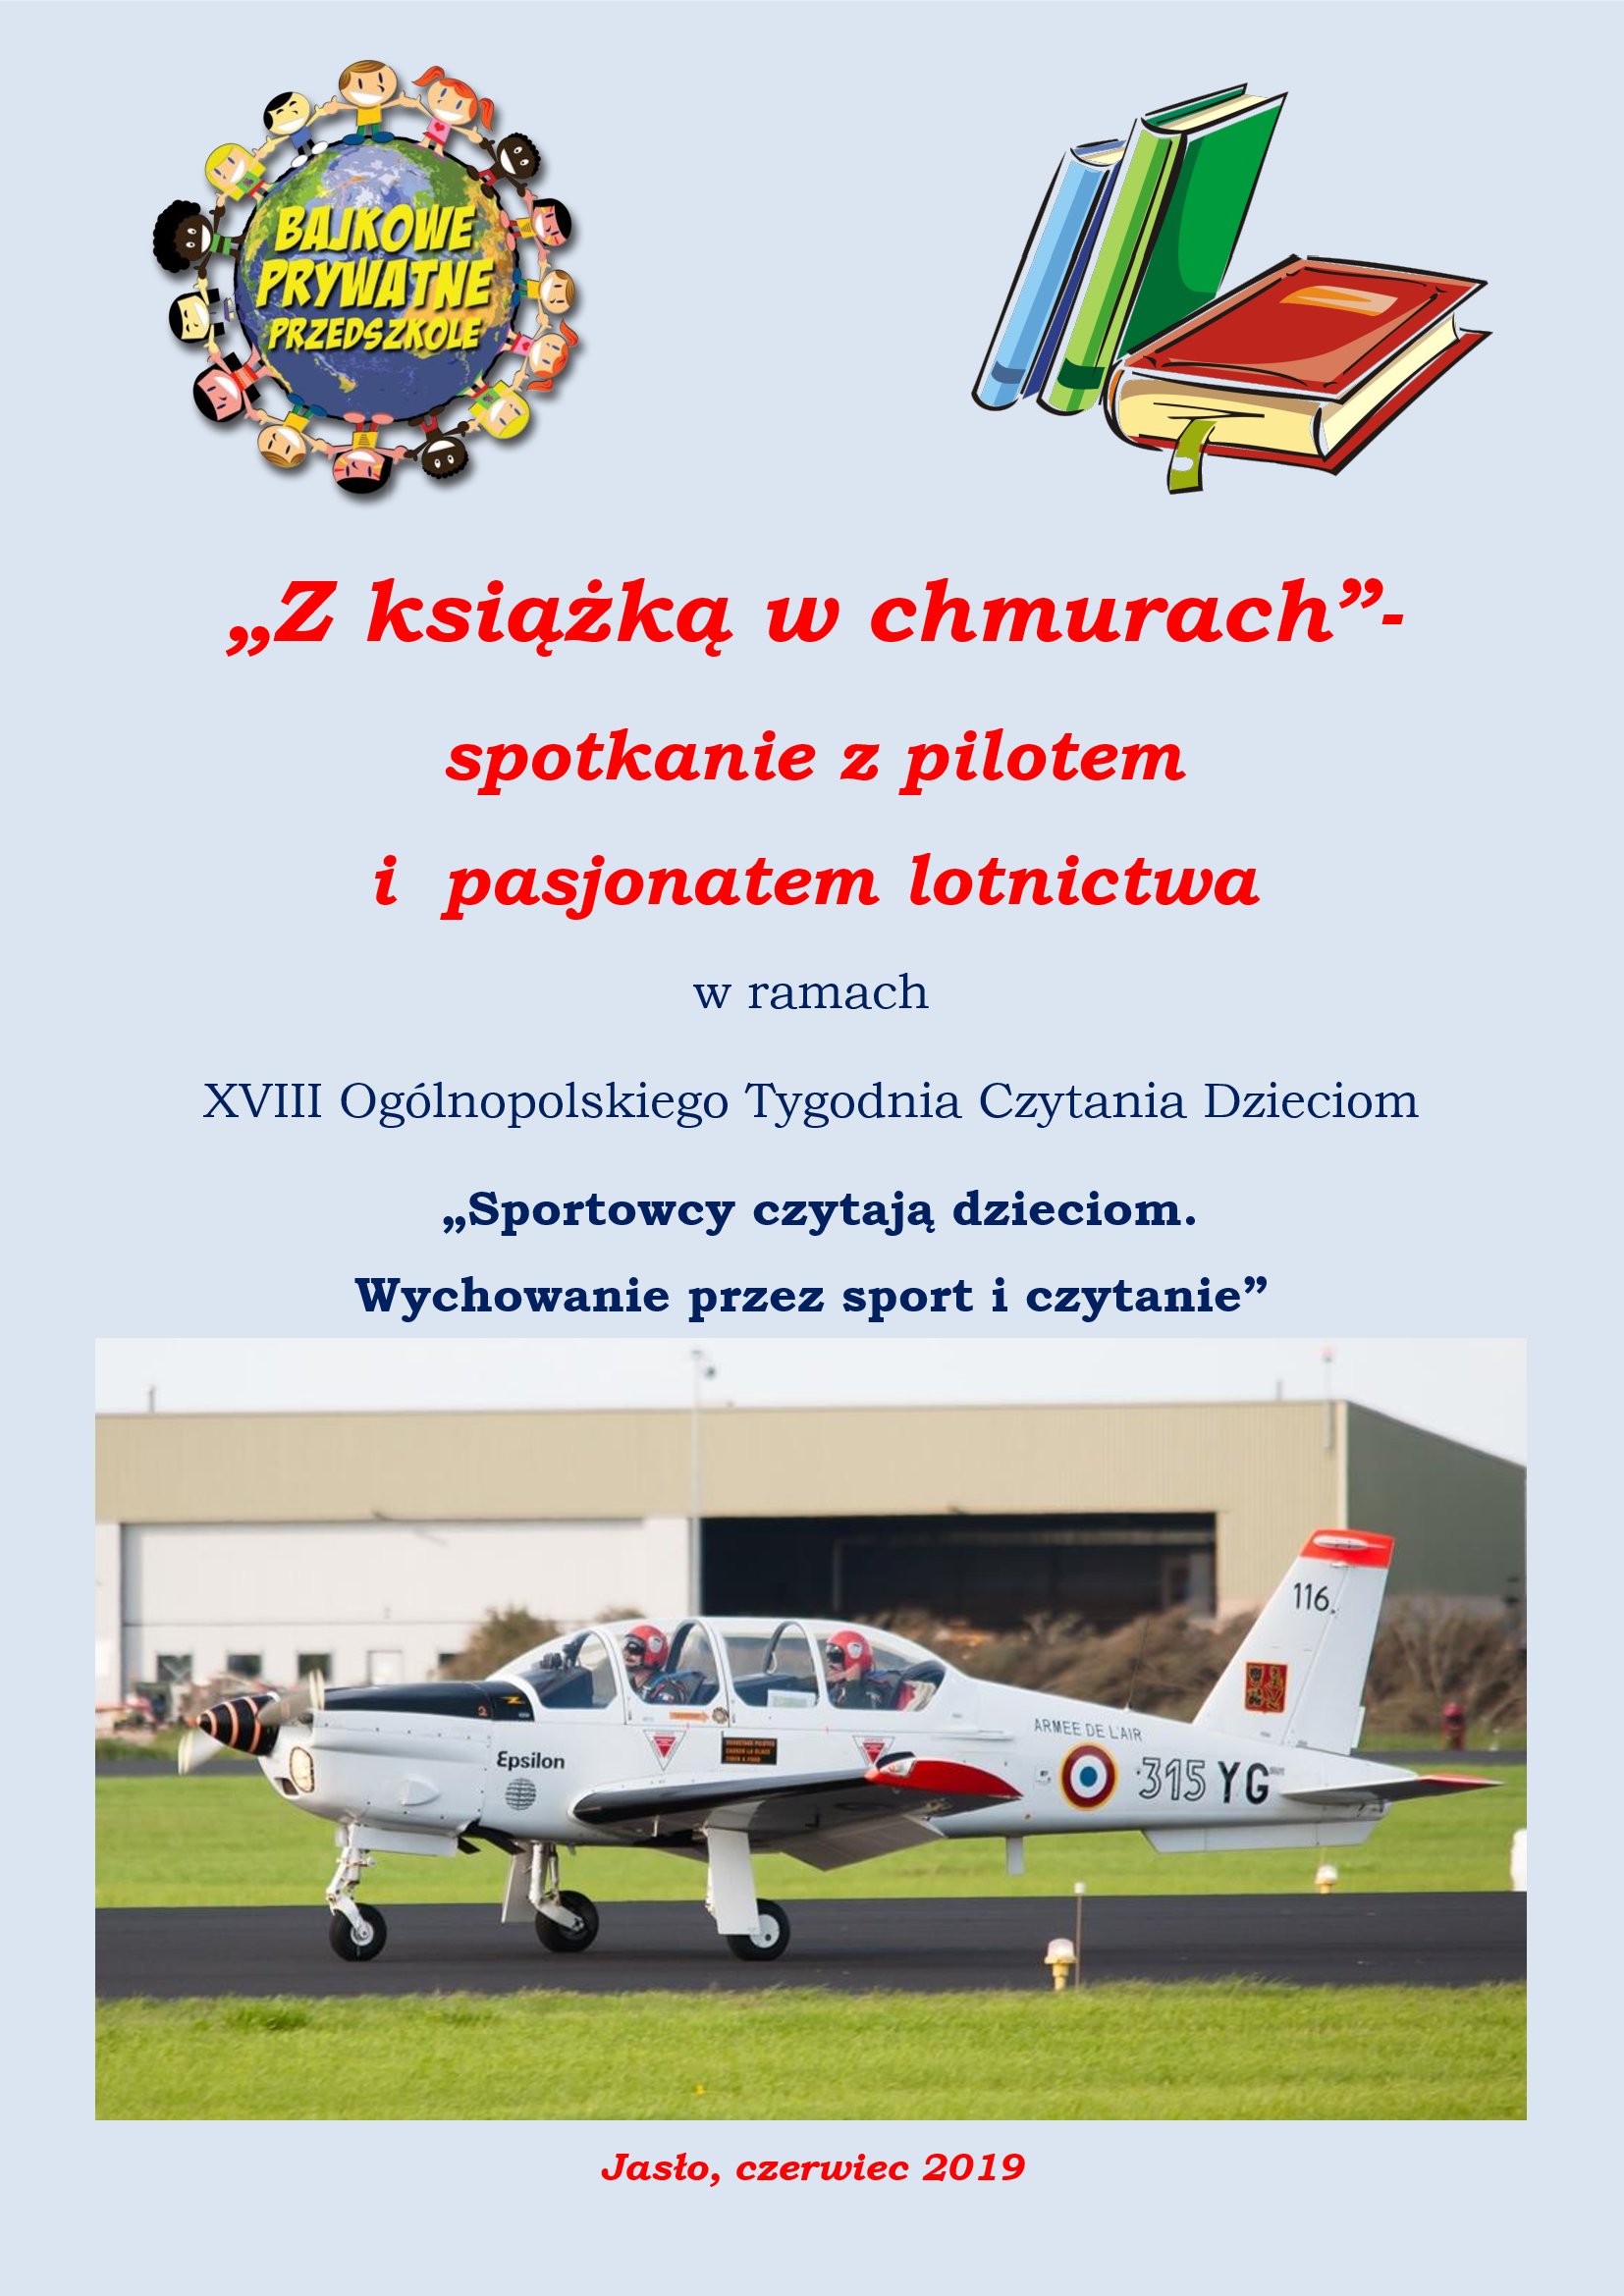 spadochroniarz1 (1)